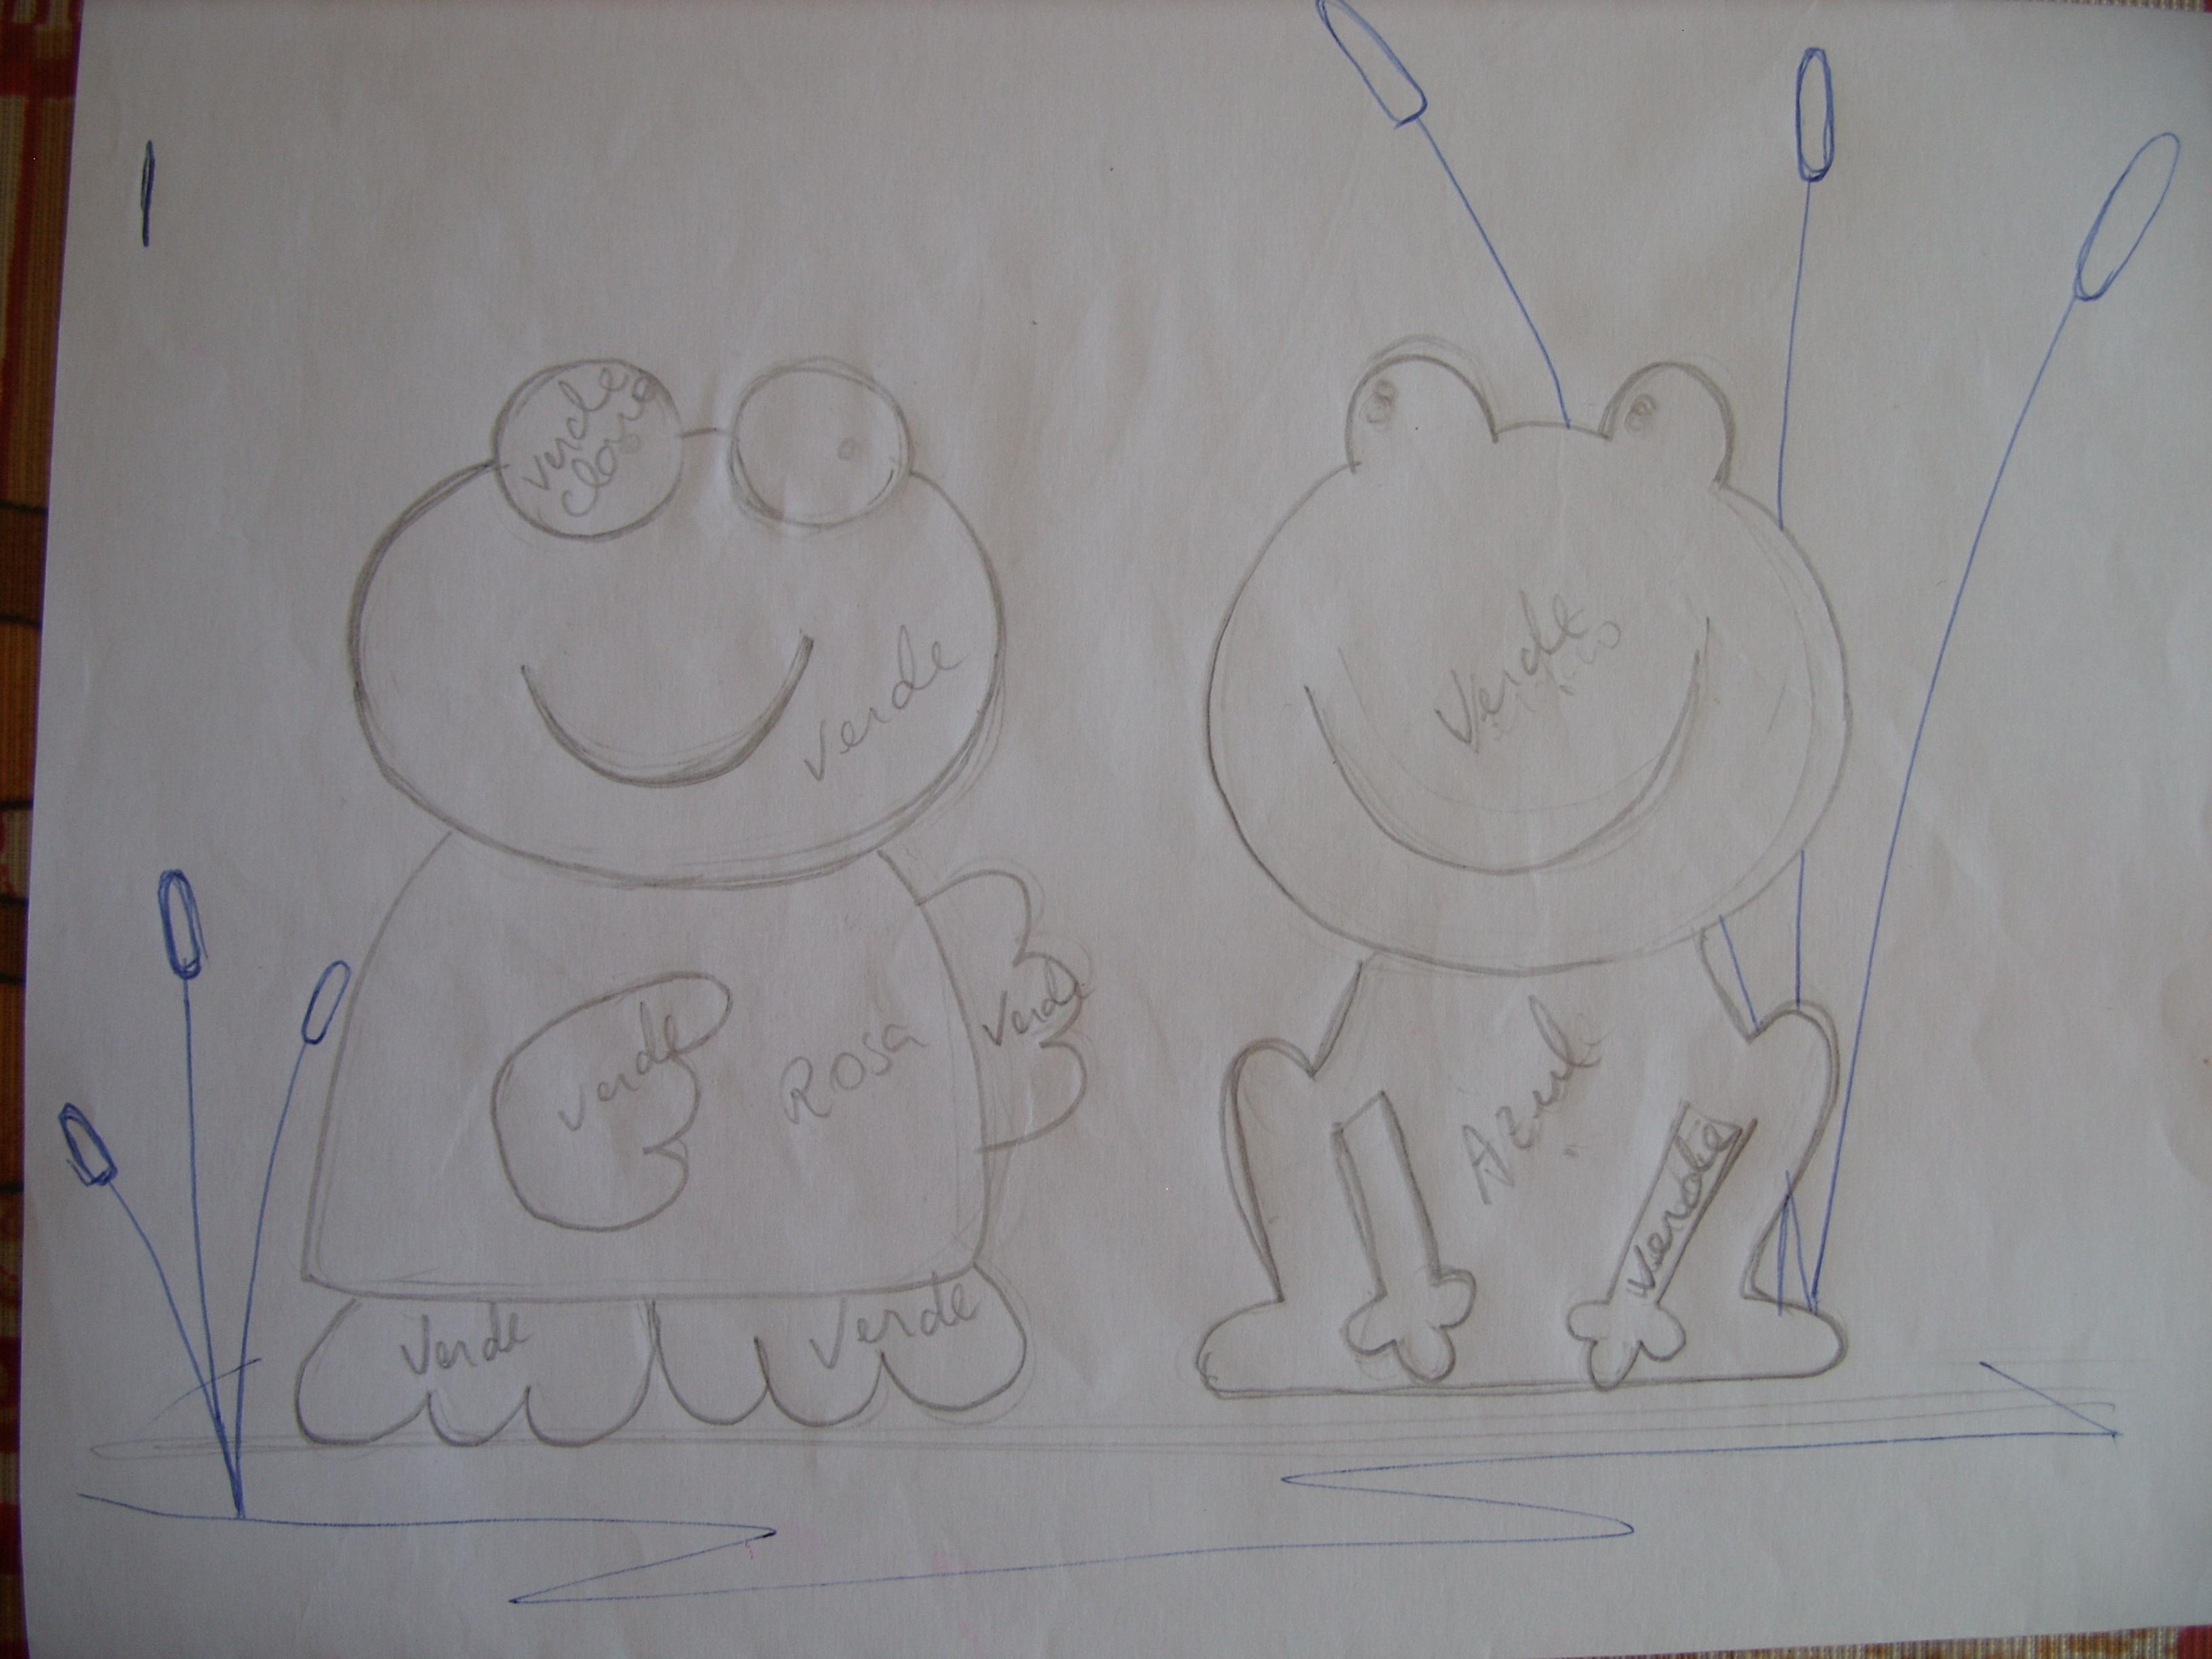 : quem faz os desenhos para mim é meu marido, eu não sei desenhar